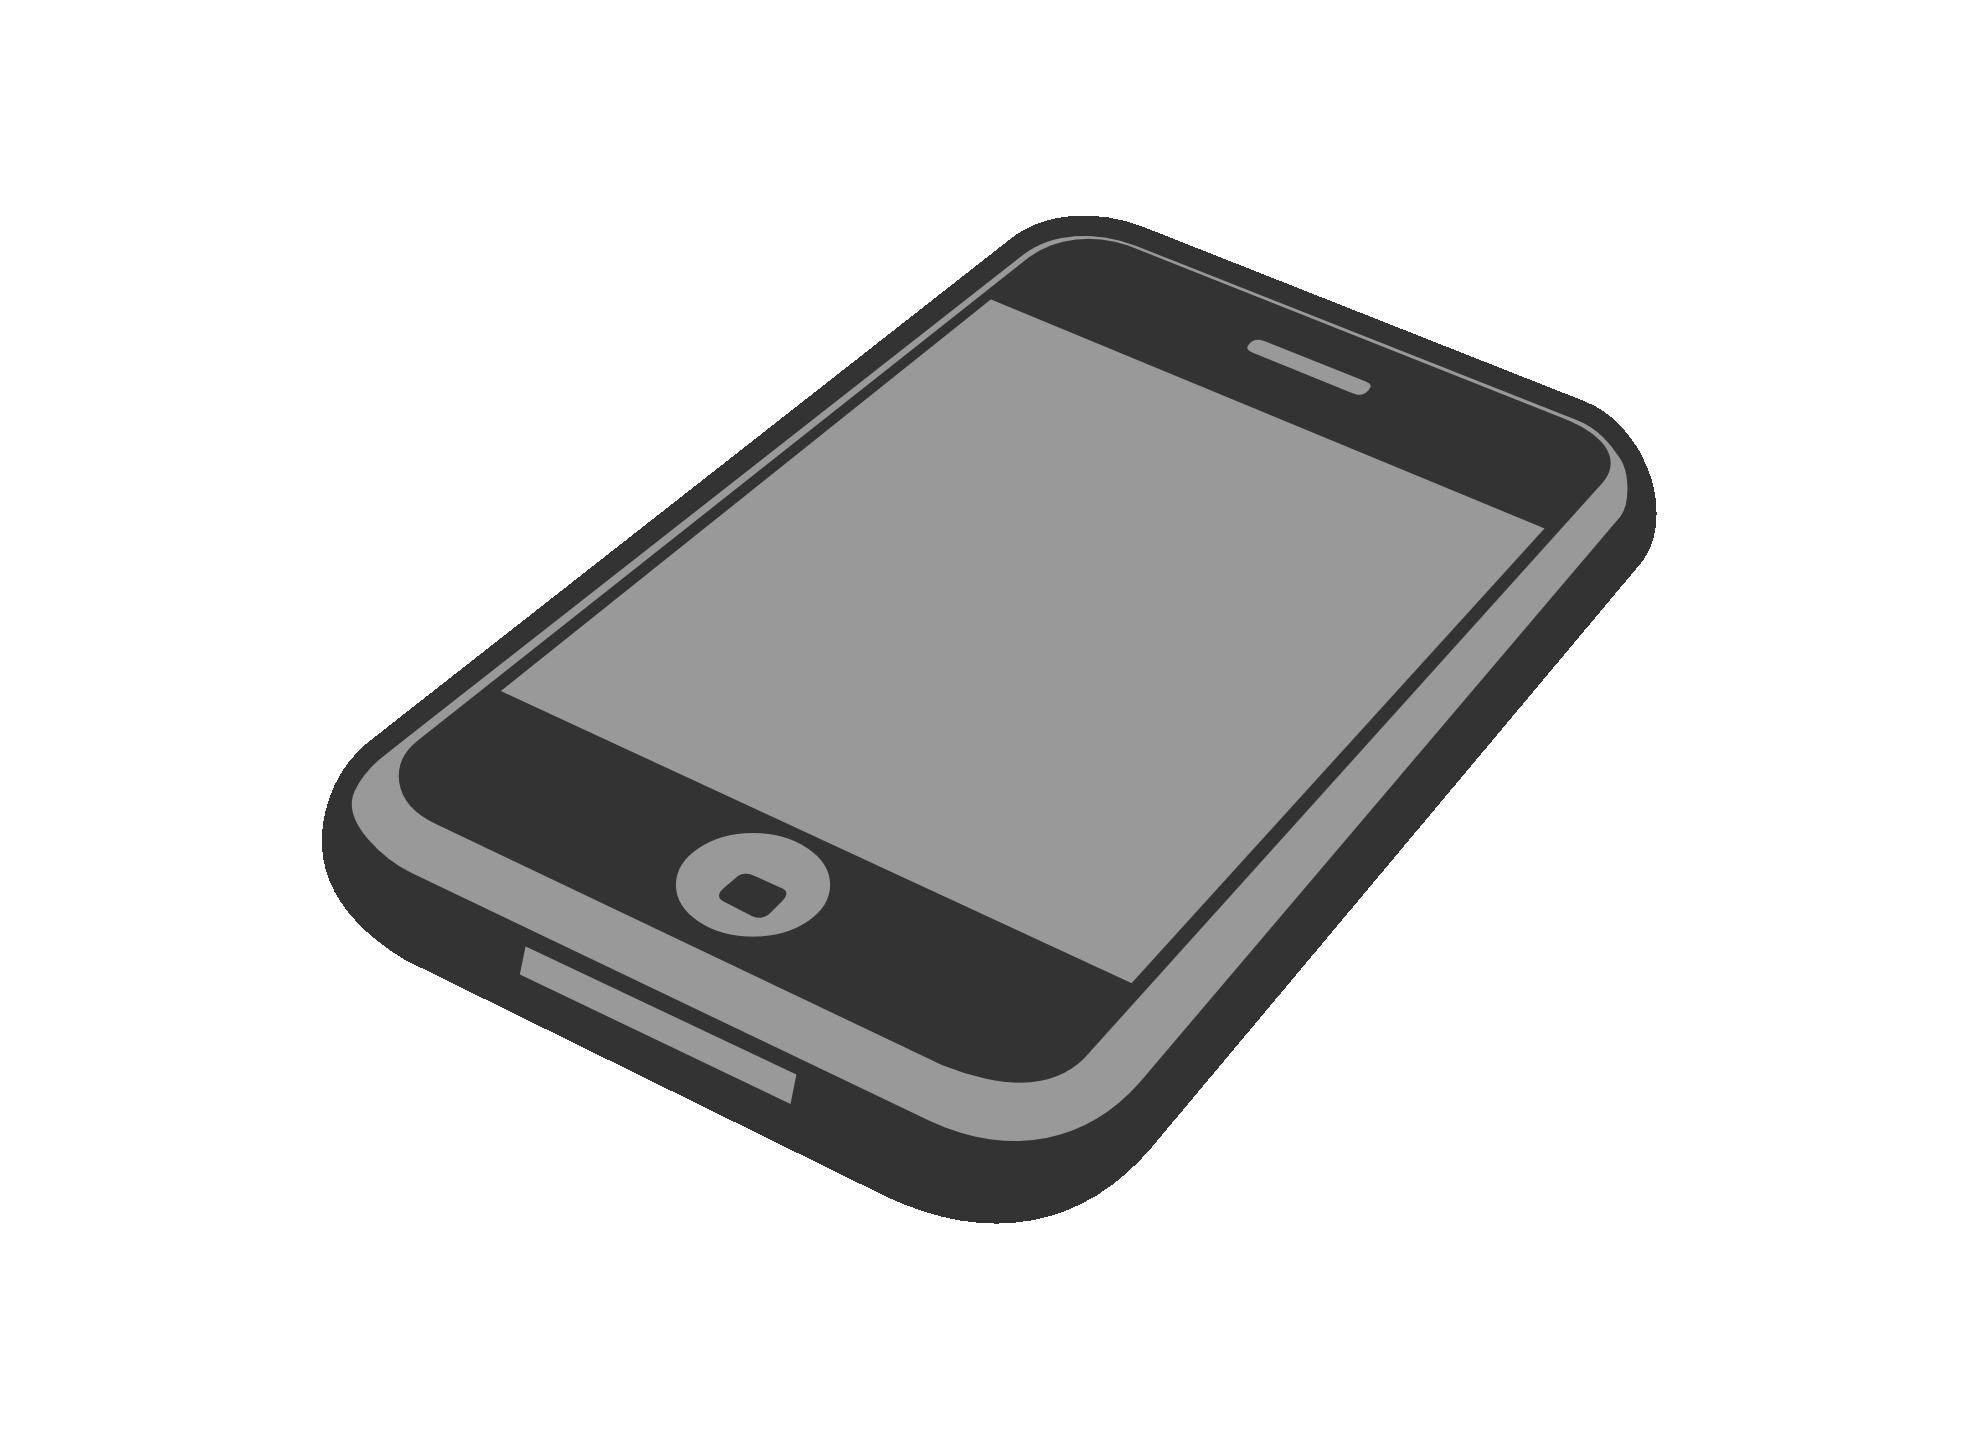 Clipart phone digital. Clip art free panda